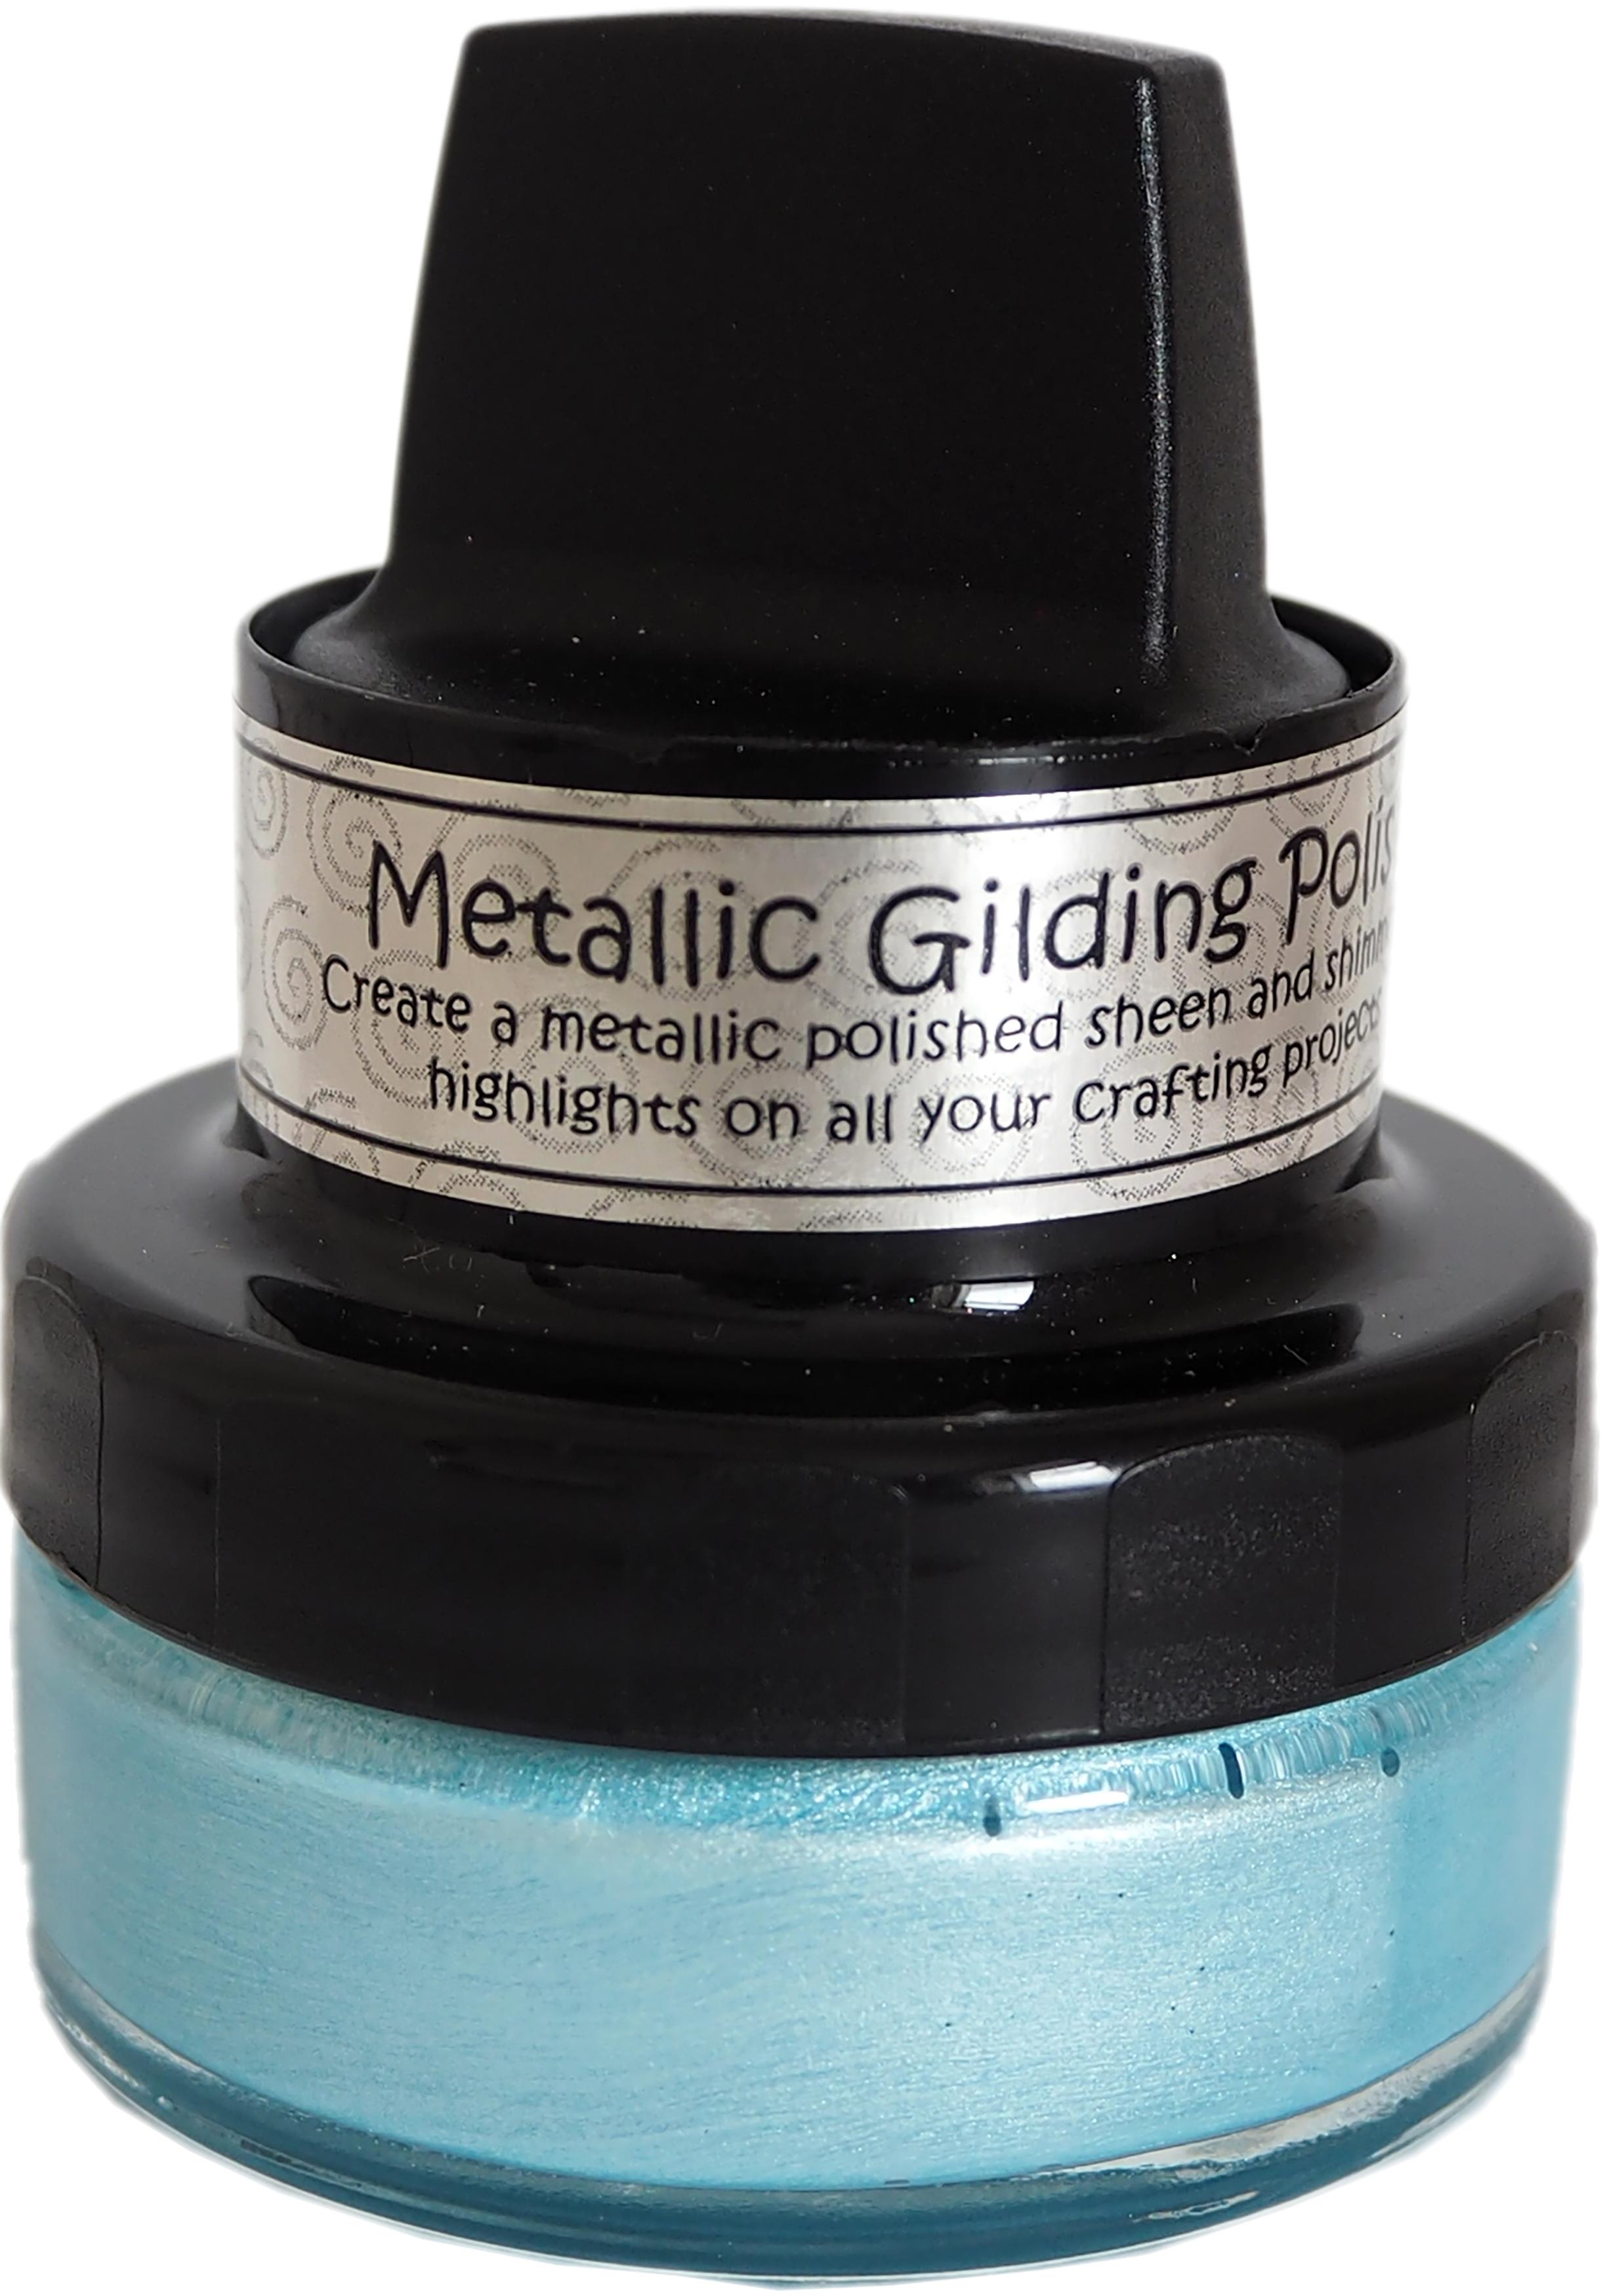 Powder Blue - Cosmic Shimmer Metallic Gilding Polish